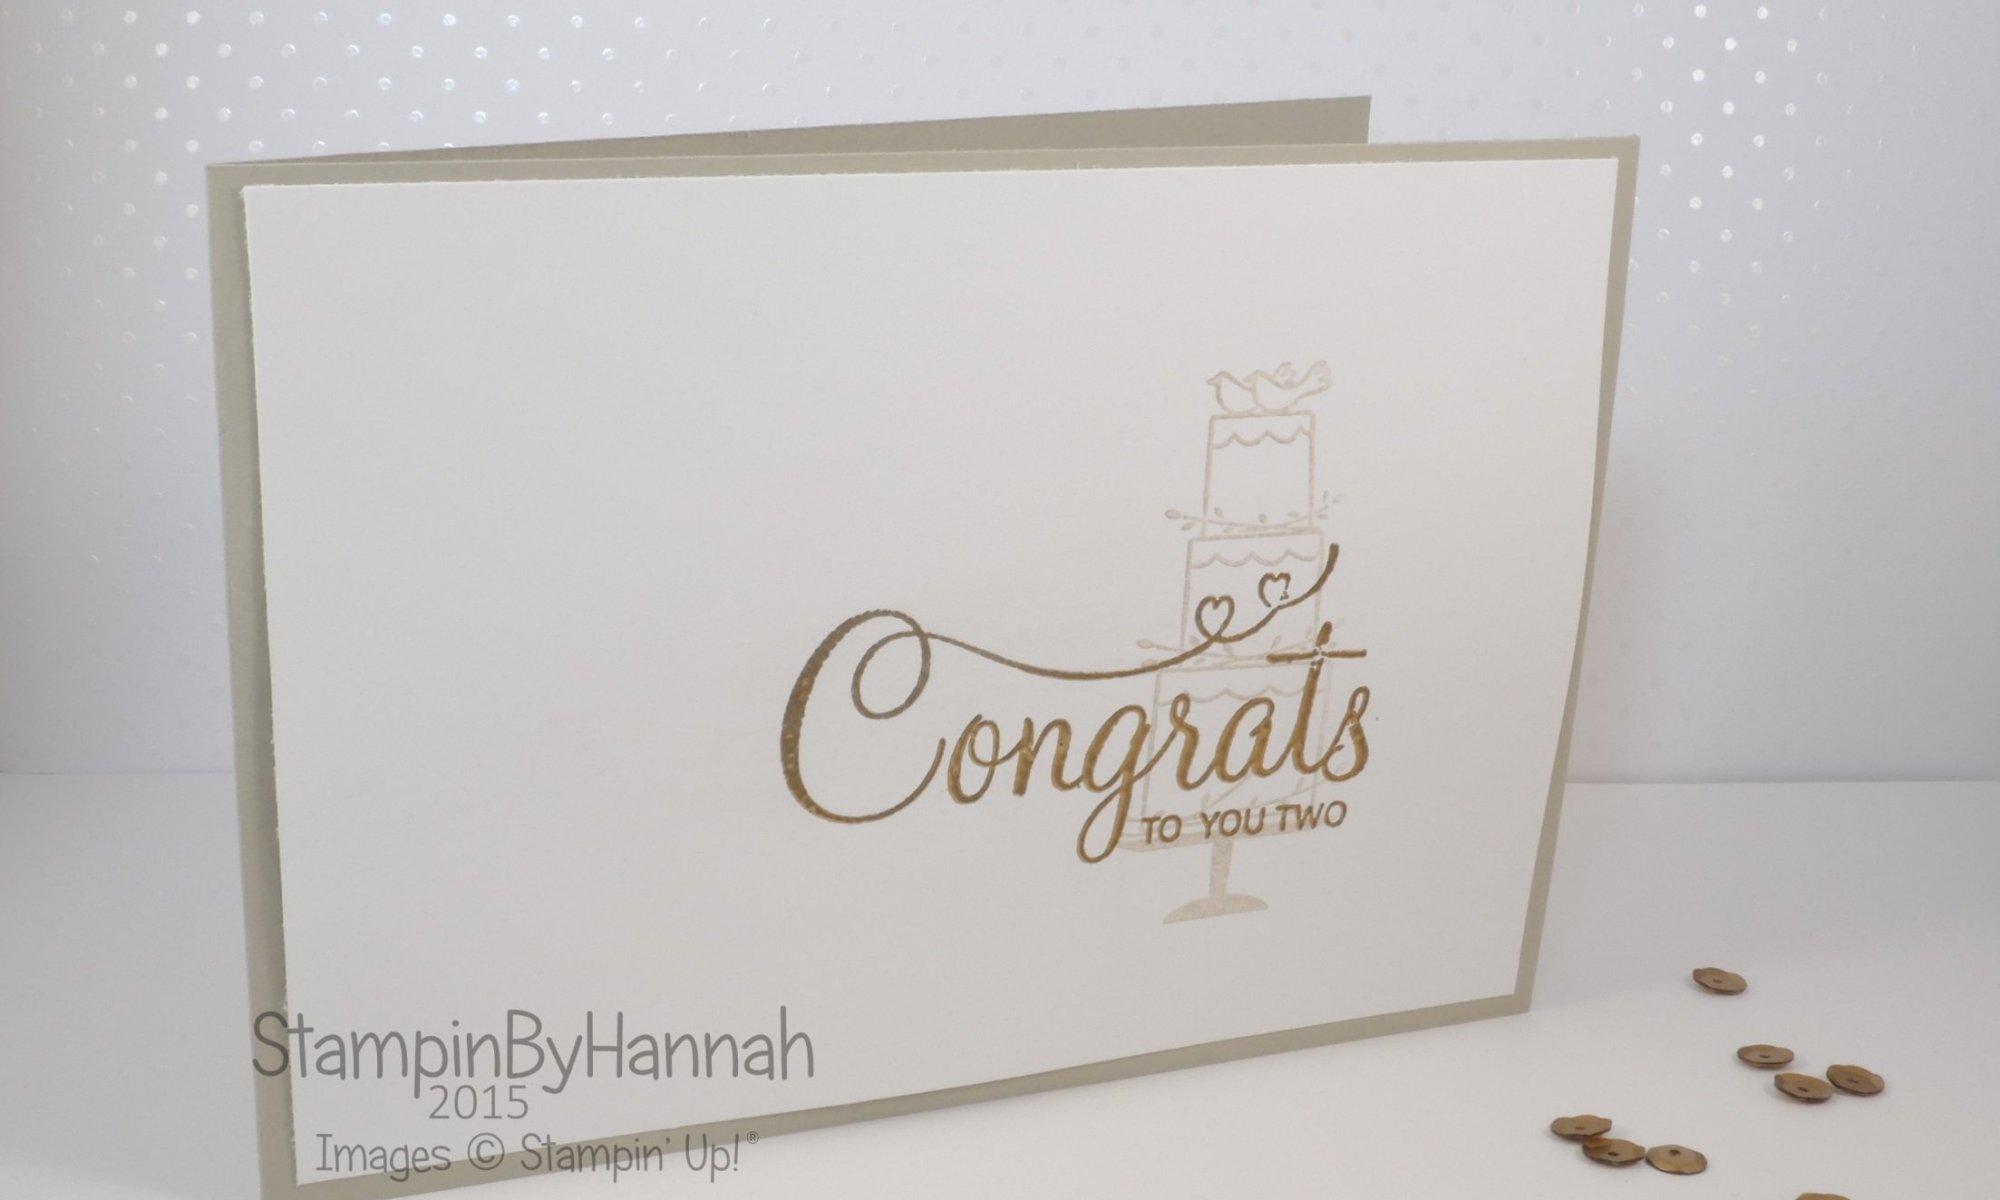 Stampin' Up! UK wedding card